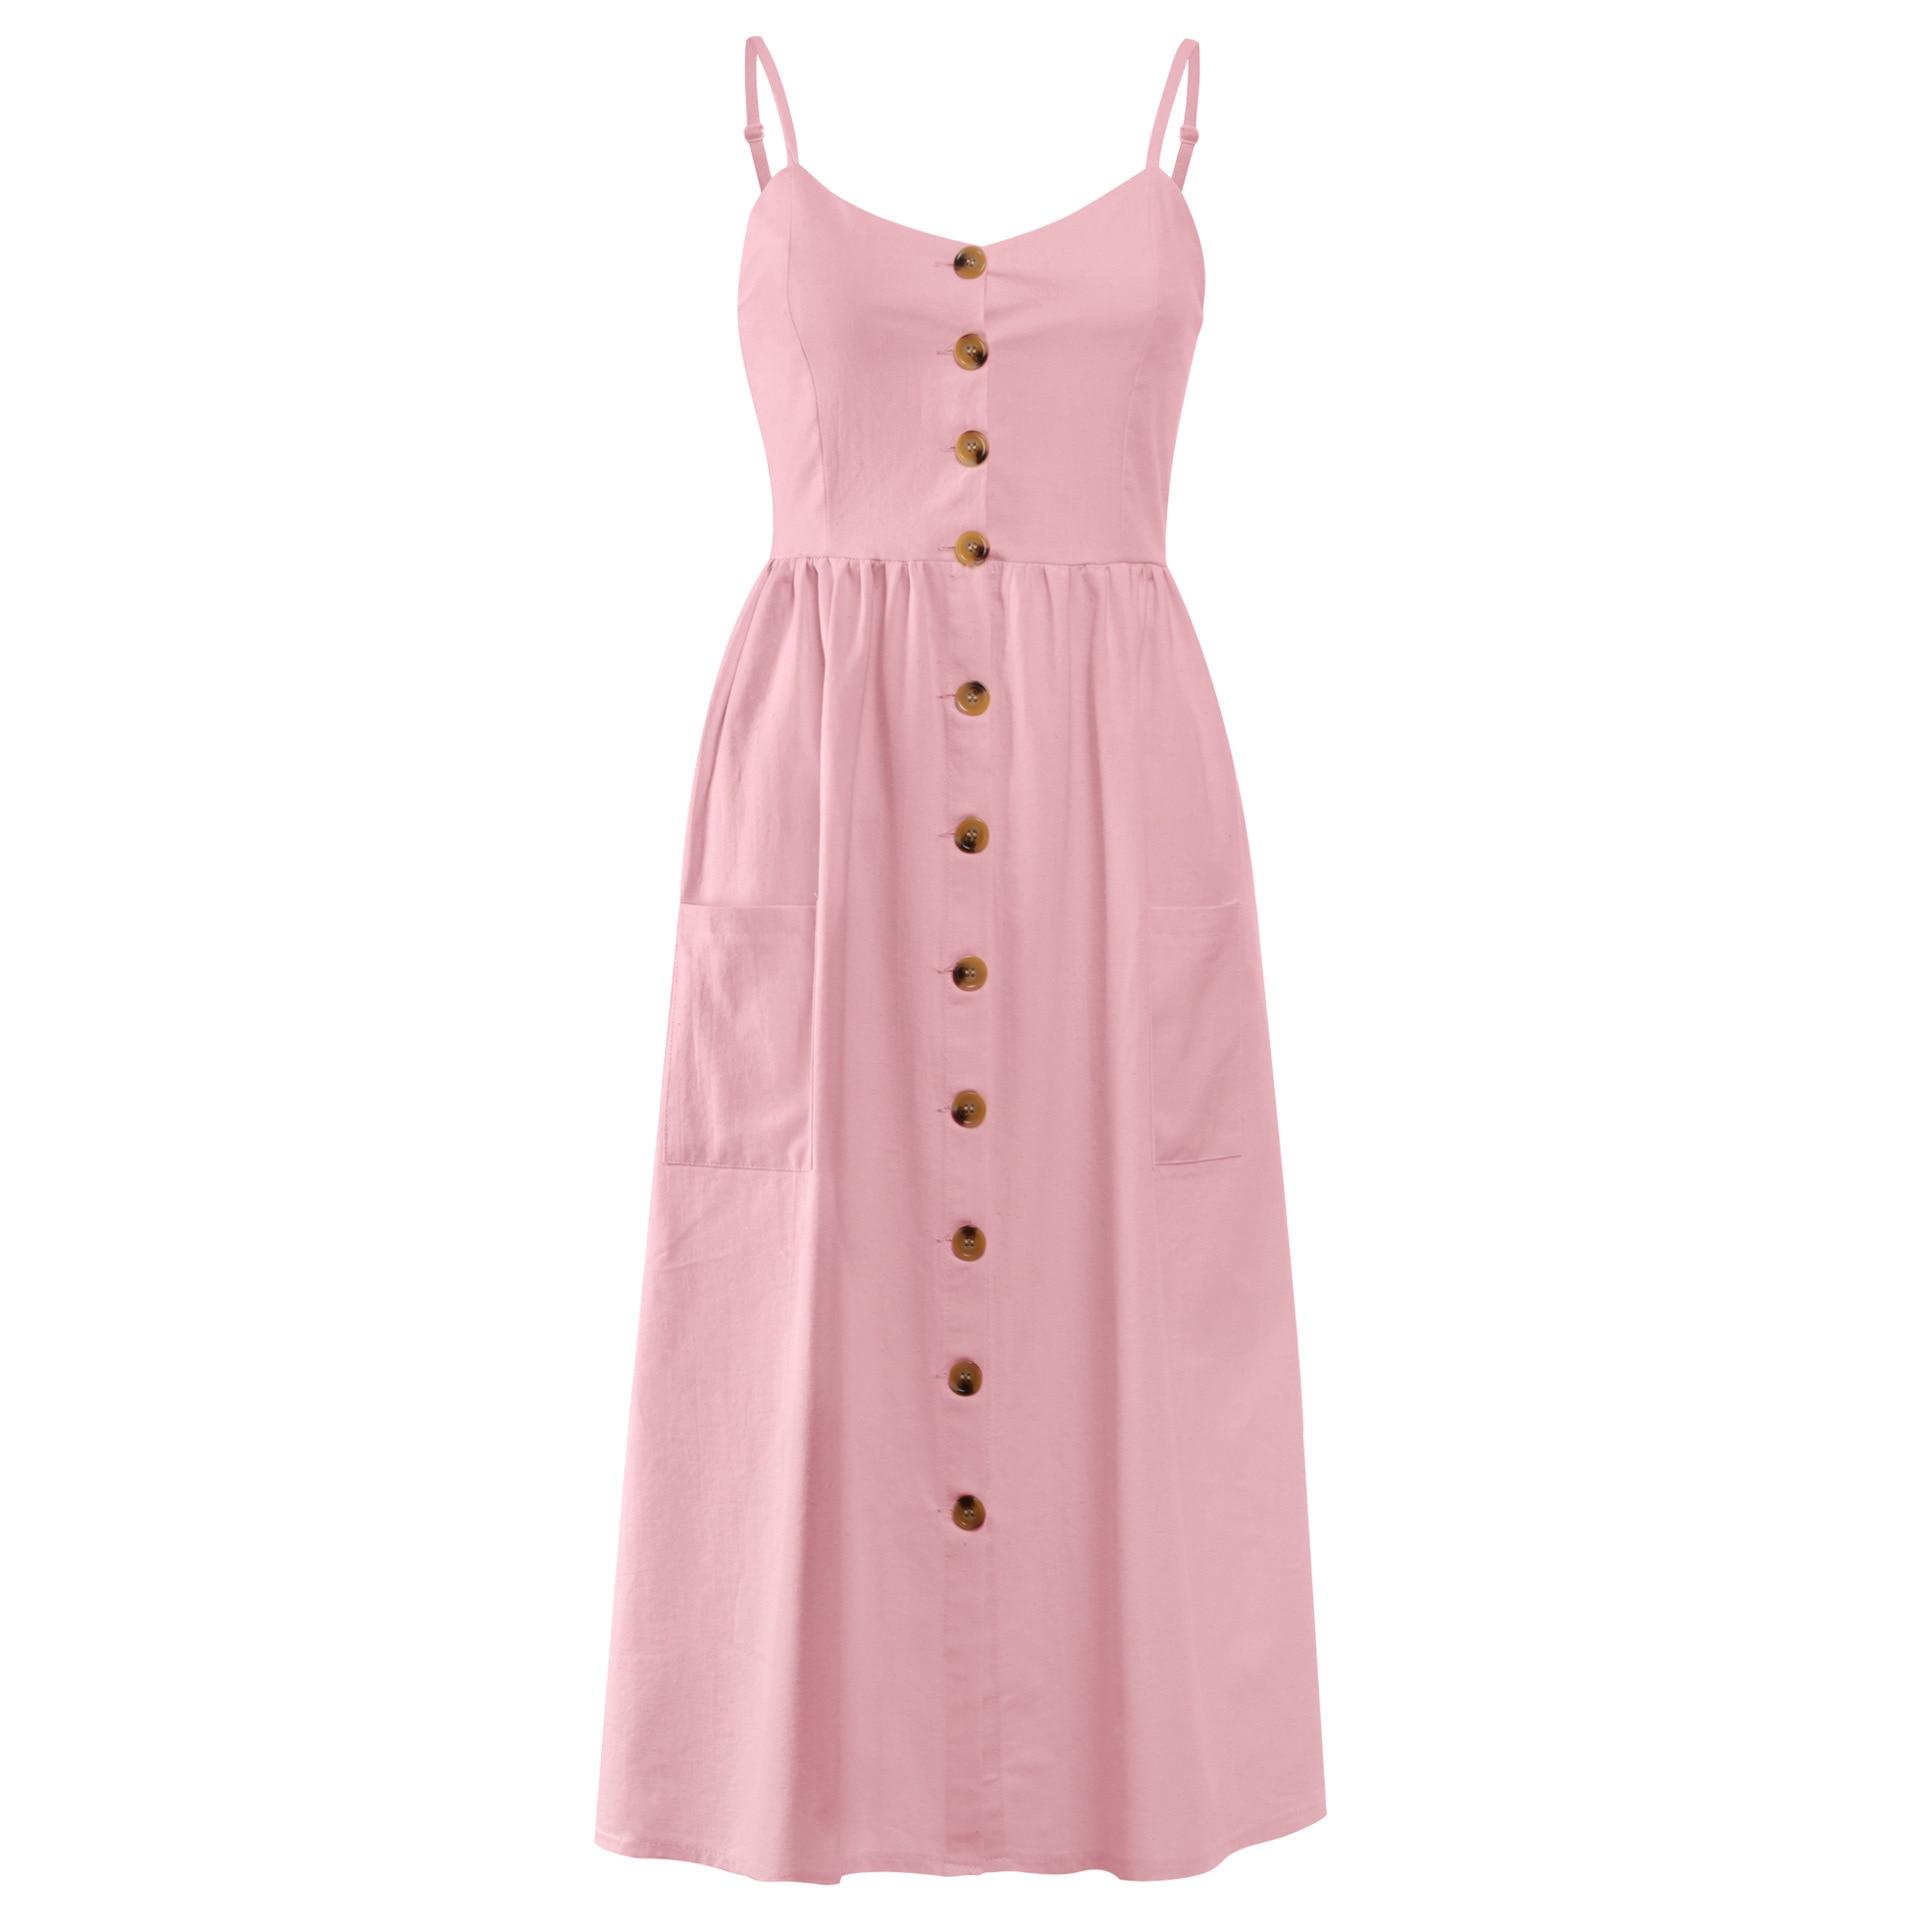 Button Striped Print Cotton Linen Casual Summer Dress 19 Sexy Spaghetti Strap V-neck Off Shoulder Women Midi Dress Vestidos 20